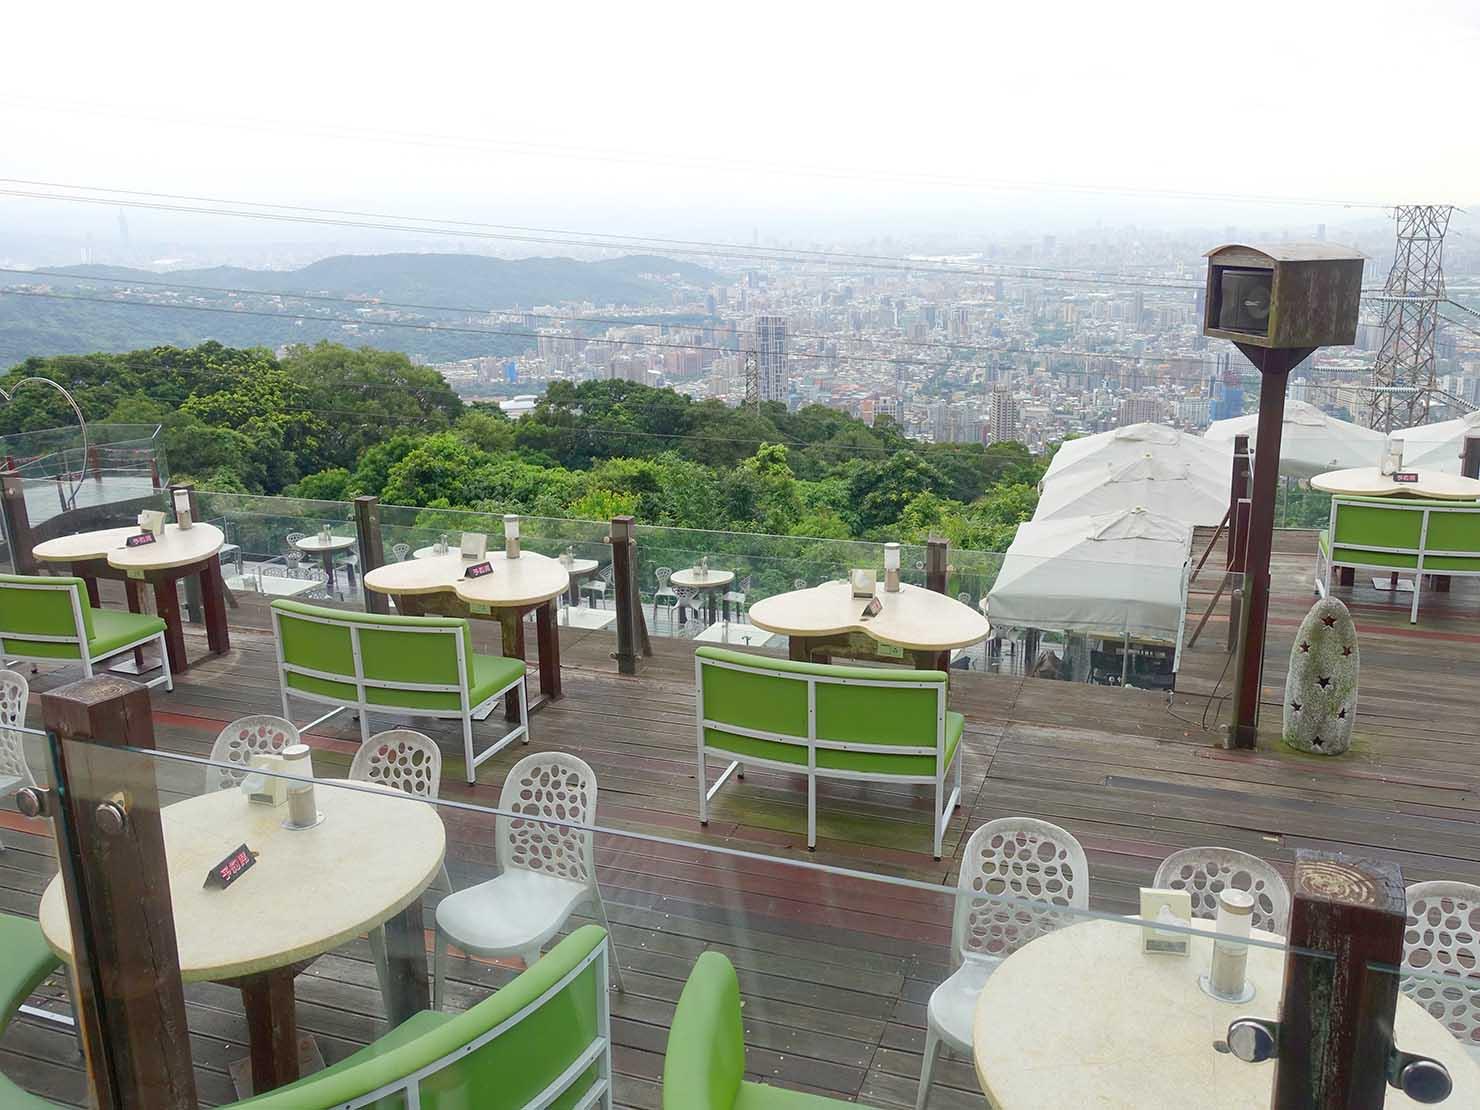 台北・陽明山のレストラン「草山夜未眠」のテーブル席から眺める景色